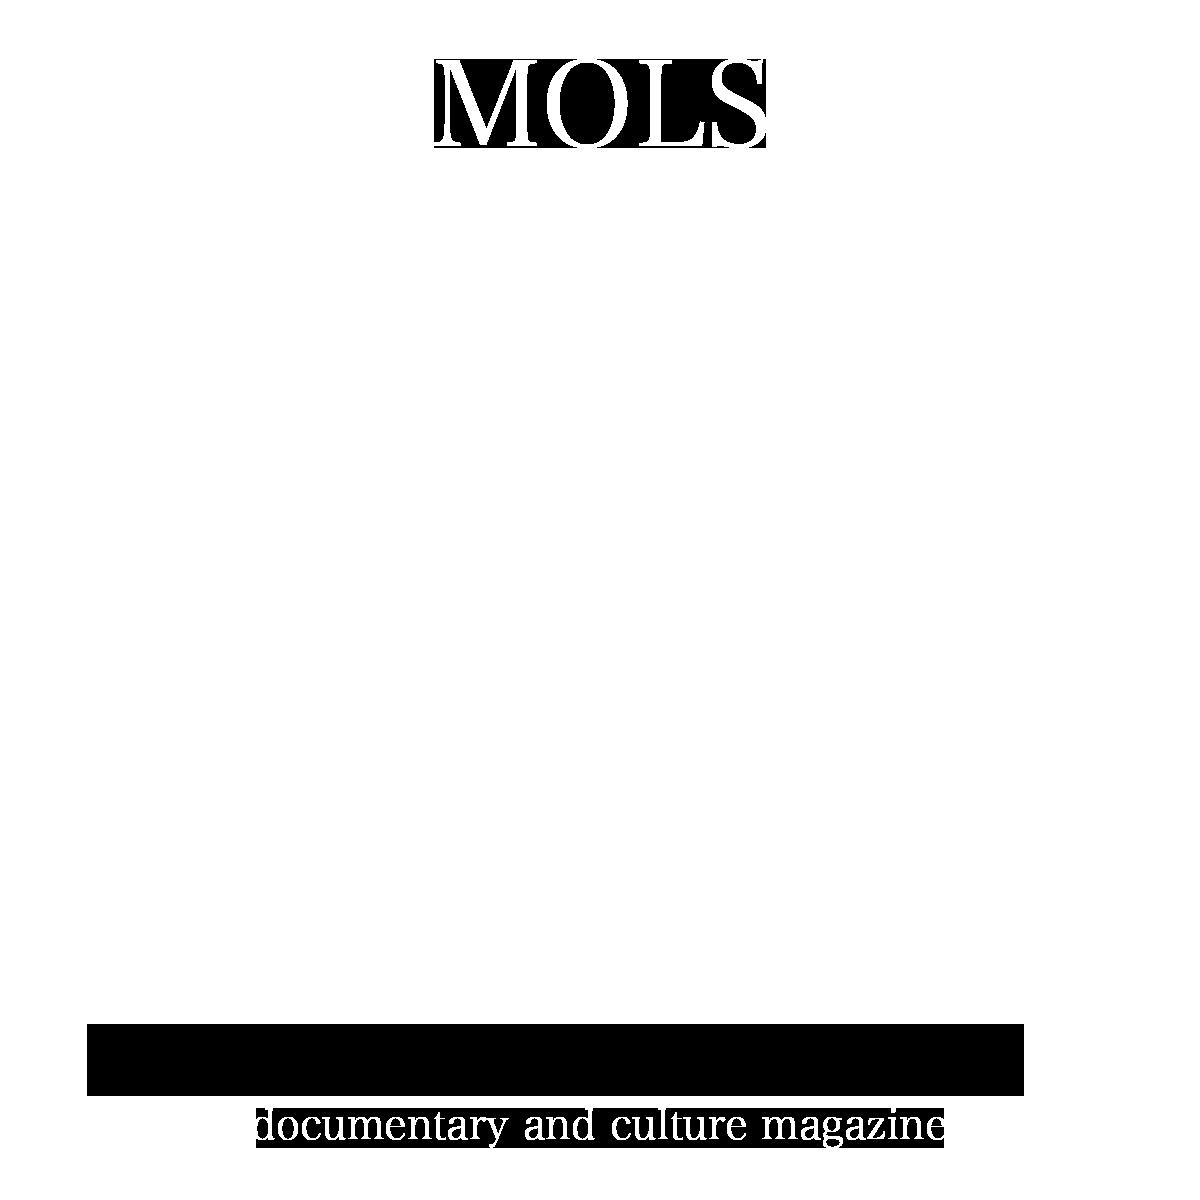 MOLS magazine